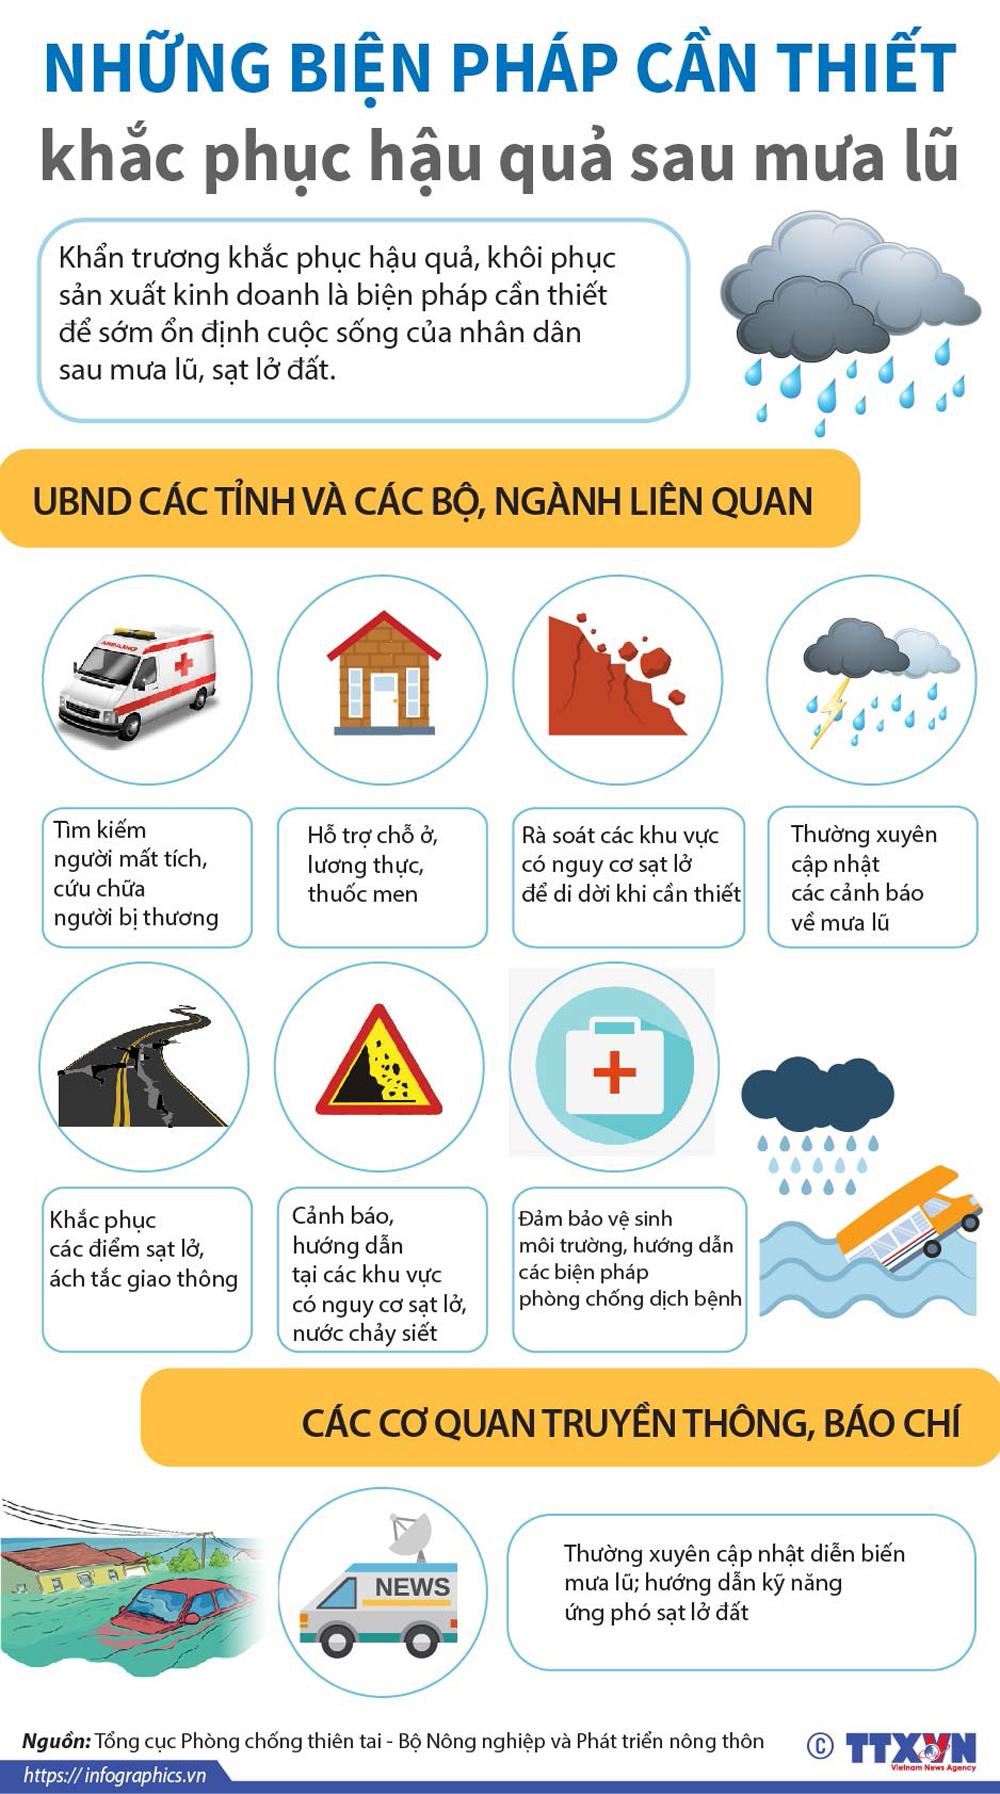 thiên tai, tai nạn, biện pháp khắc phục, hậu quả, sau mưa lũ